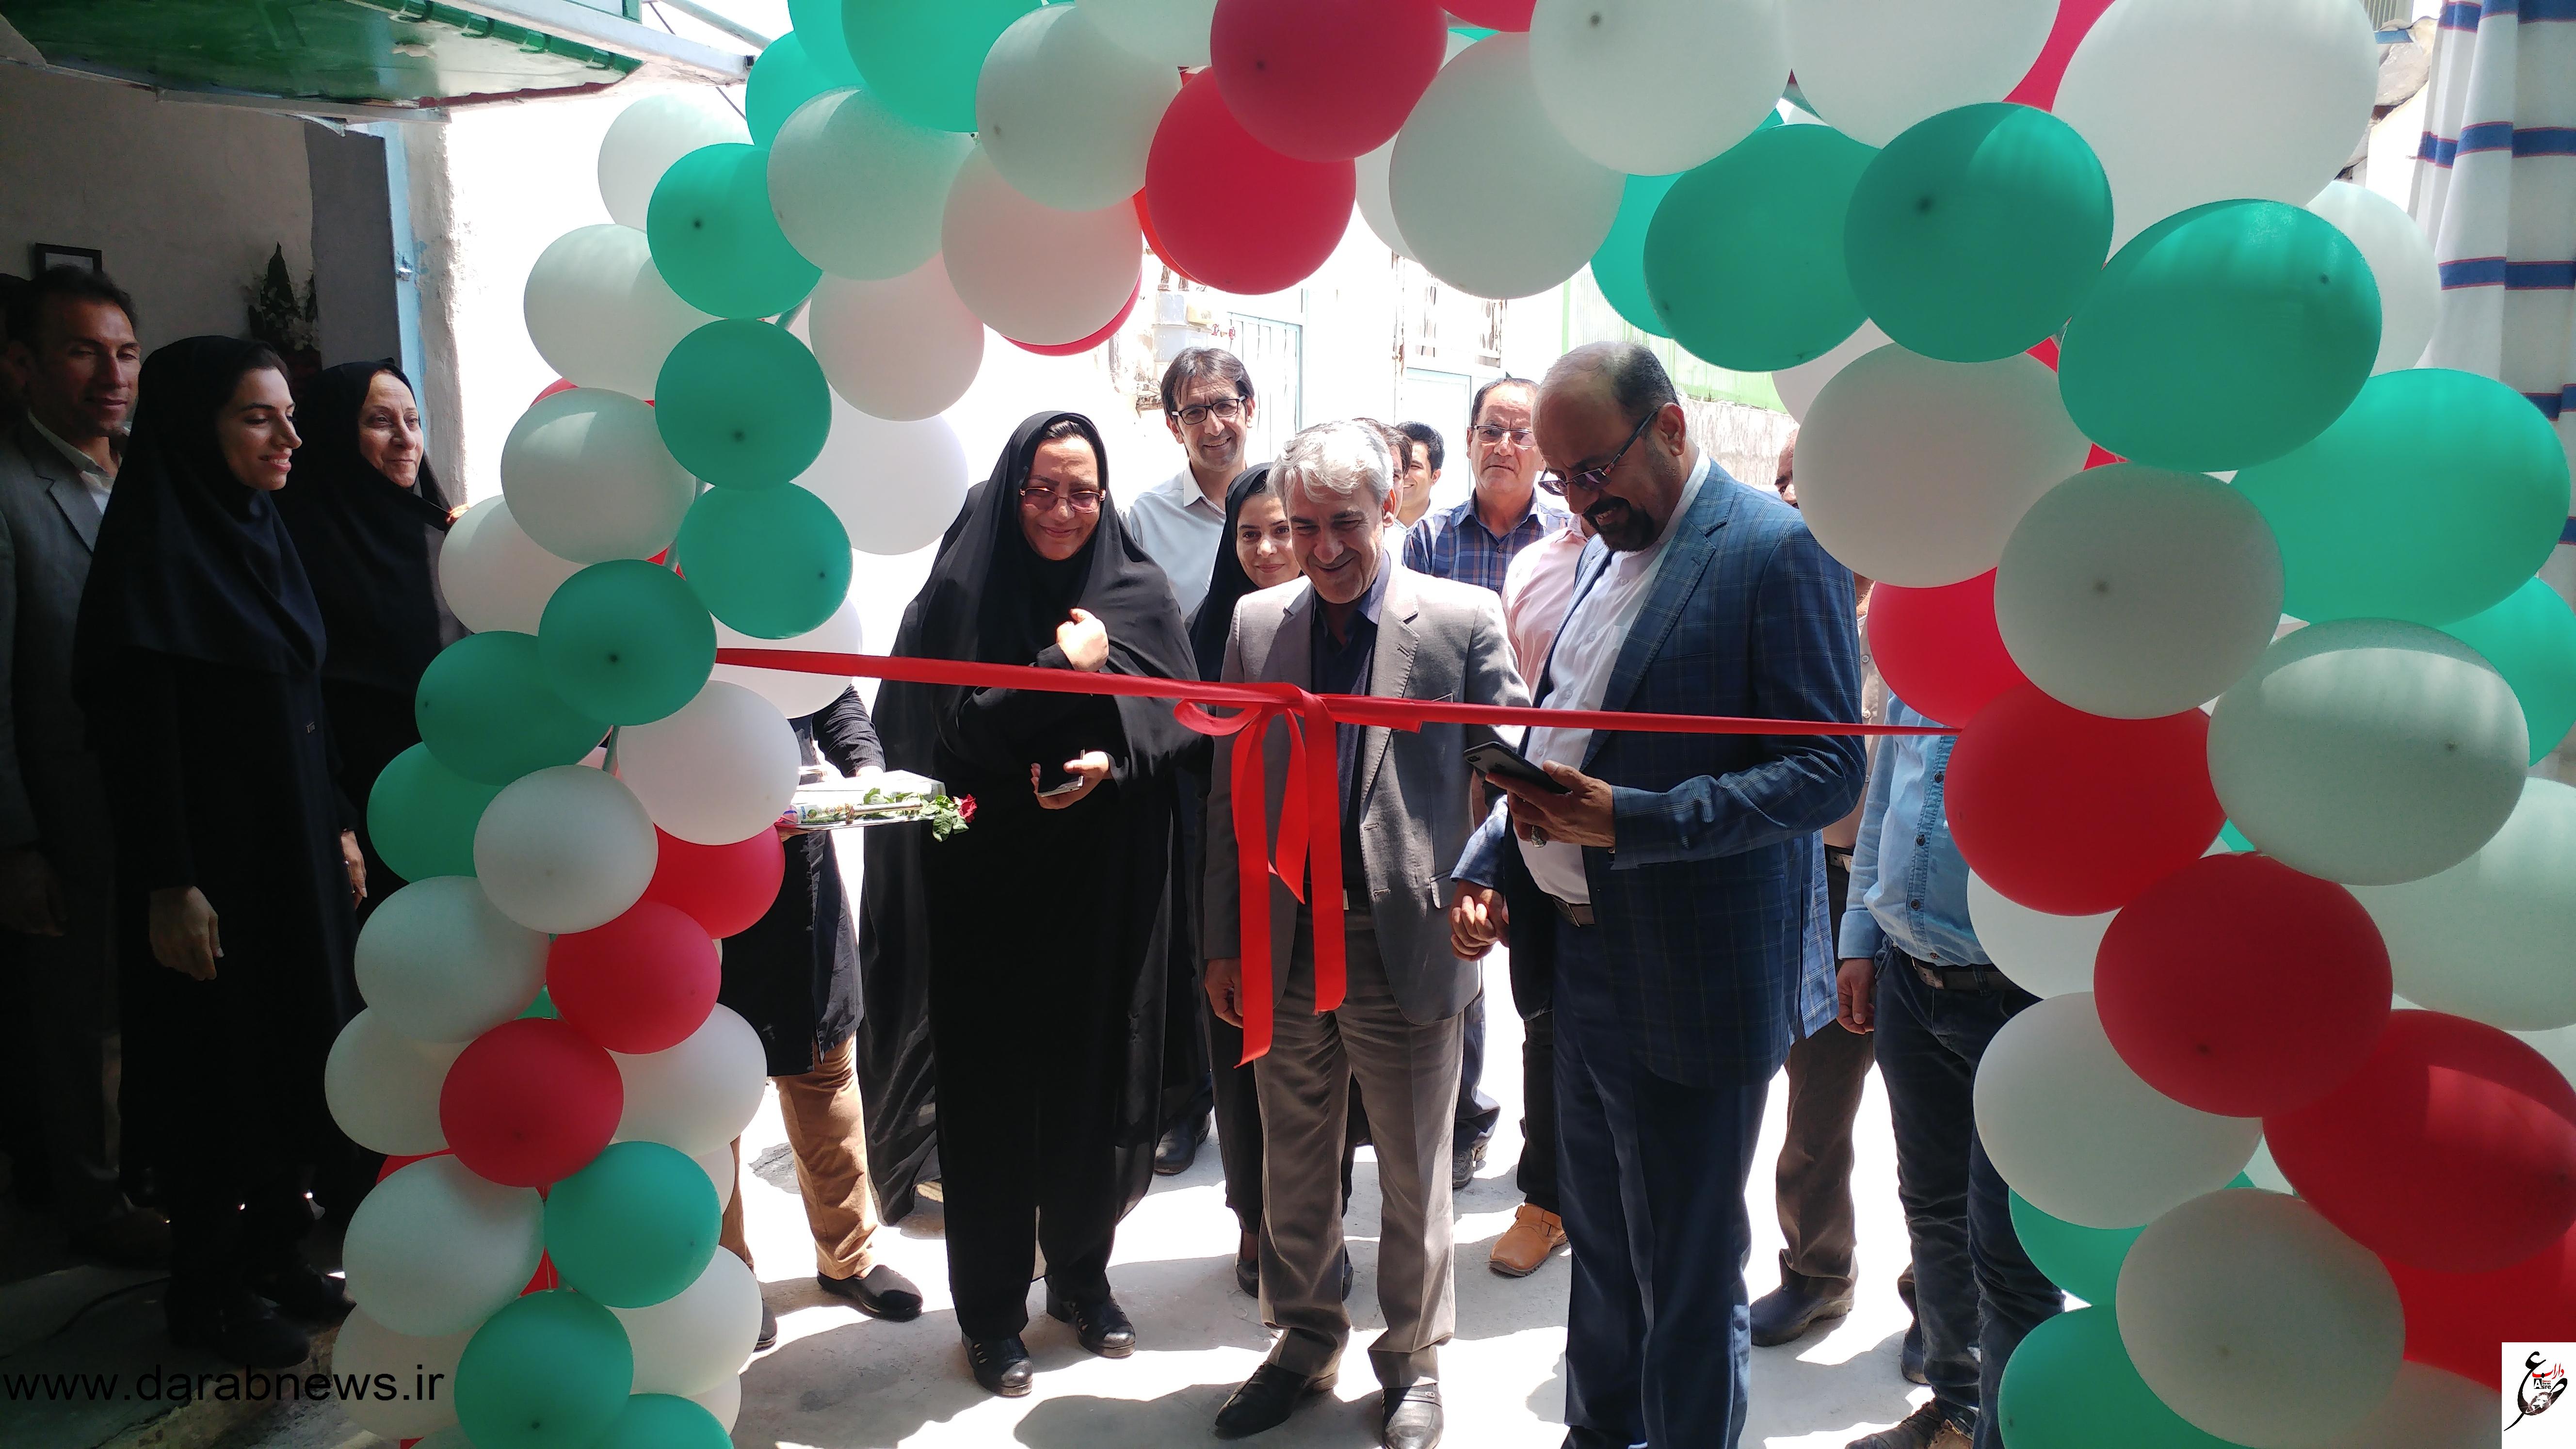 ۴ مرکز اقامتی با حضور مدیر کل بهزیستی استان فارس در شهرستان داراب افتتاح شد